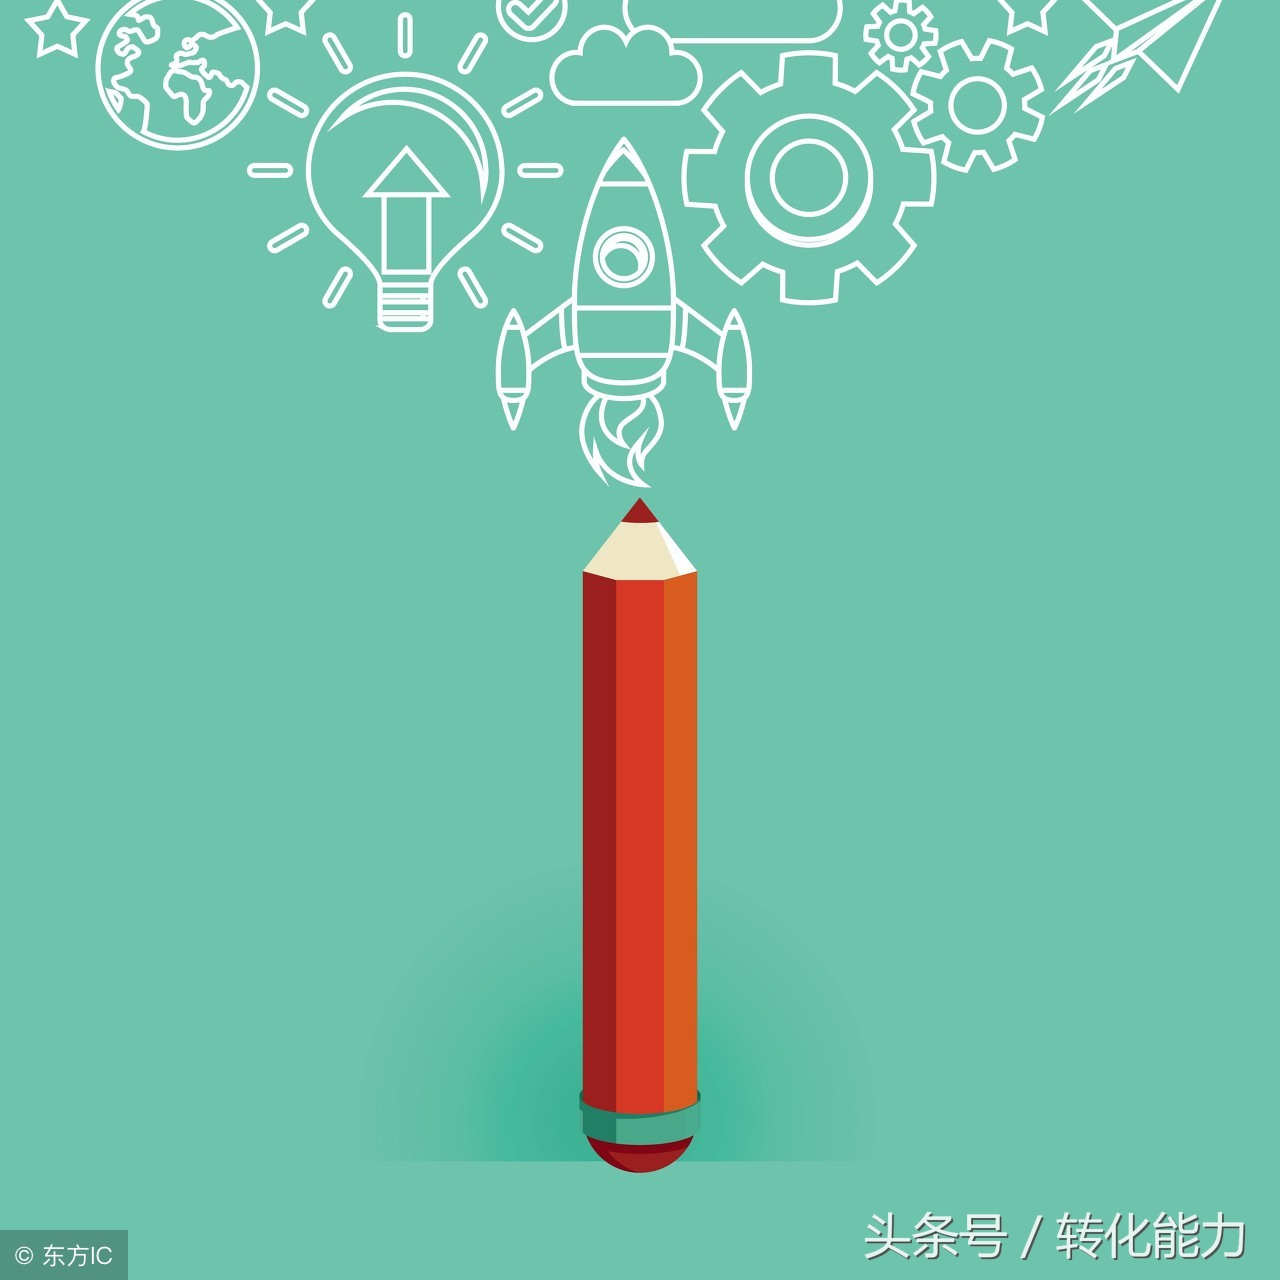 如何写一份实用专业的策划汇报方案,品牌营销策划实际案例PPT